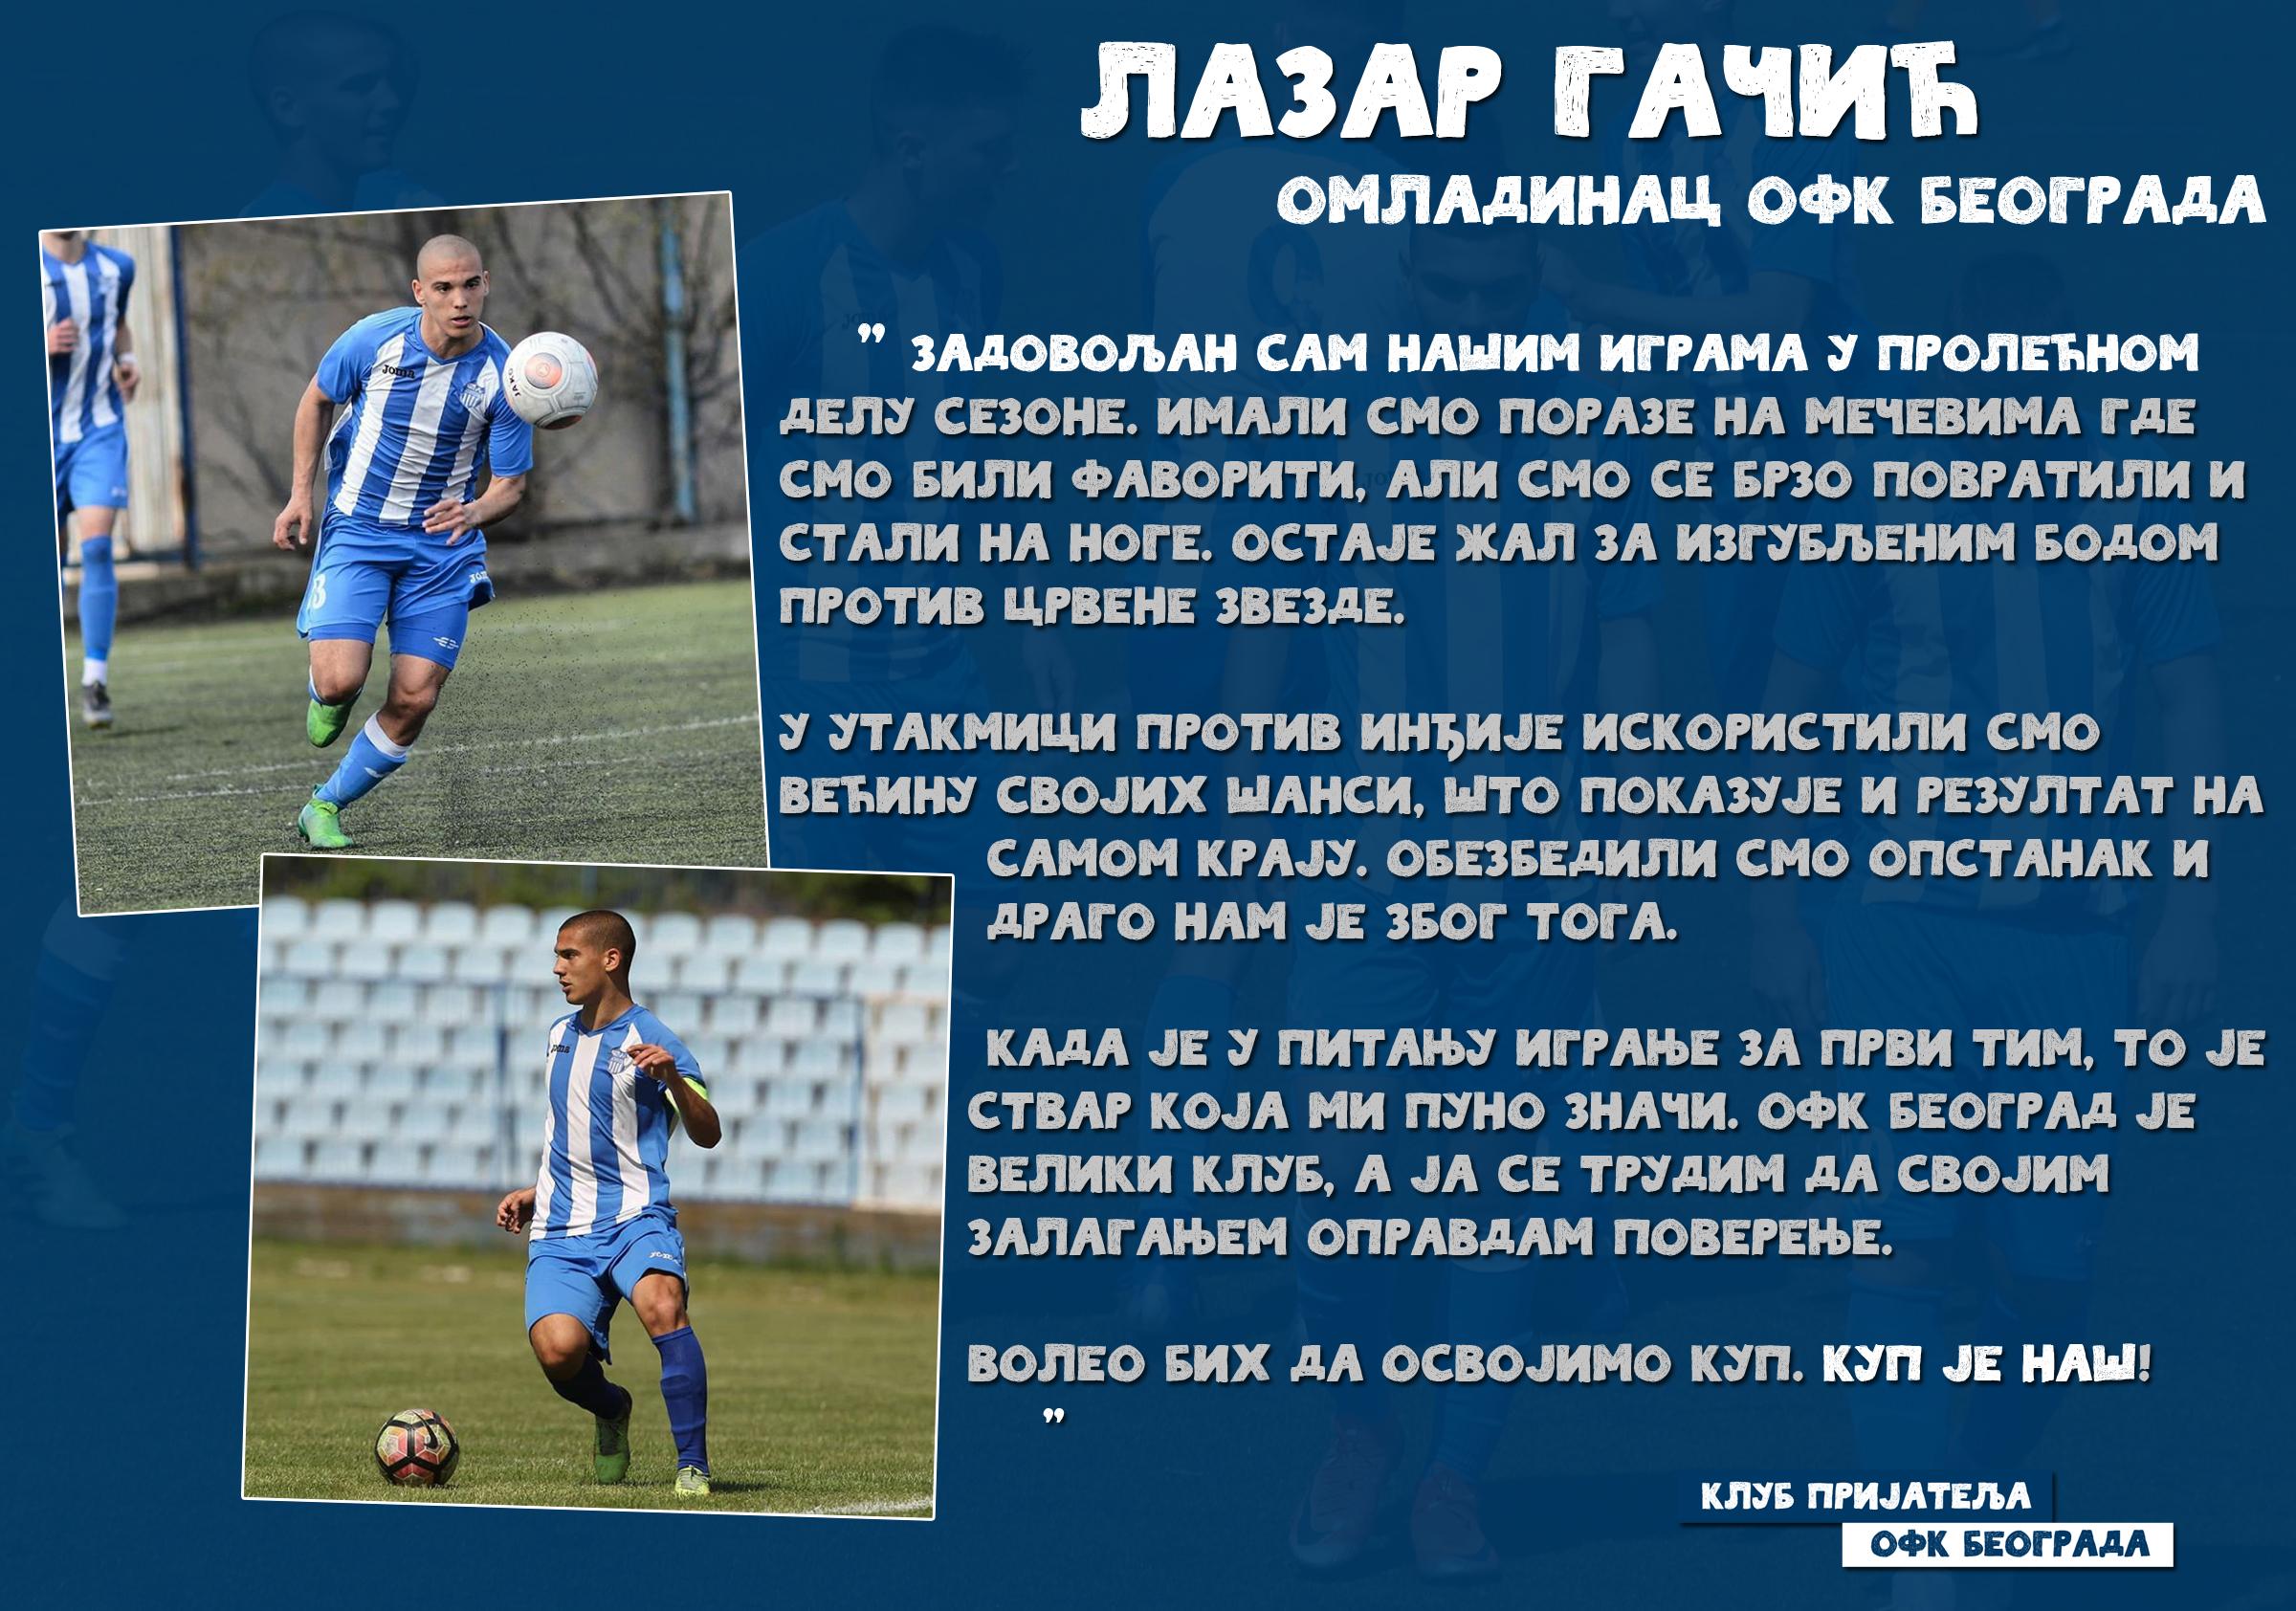 Омладинци савладали Инђију 6-0. КПО разговарао са Лазаром Гачићем, чланом селекције